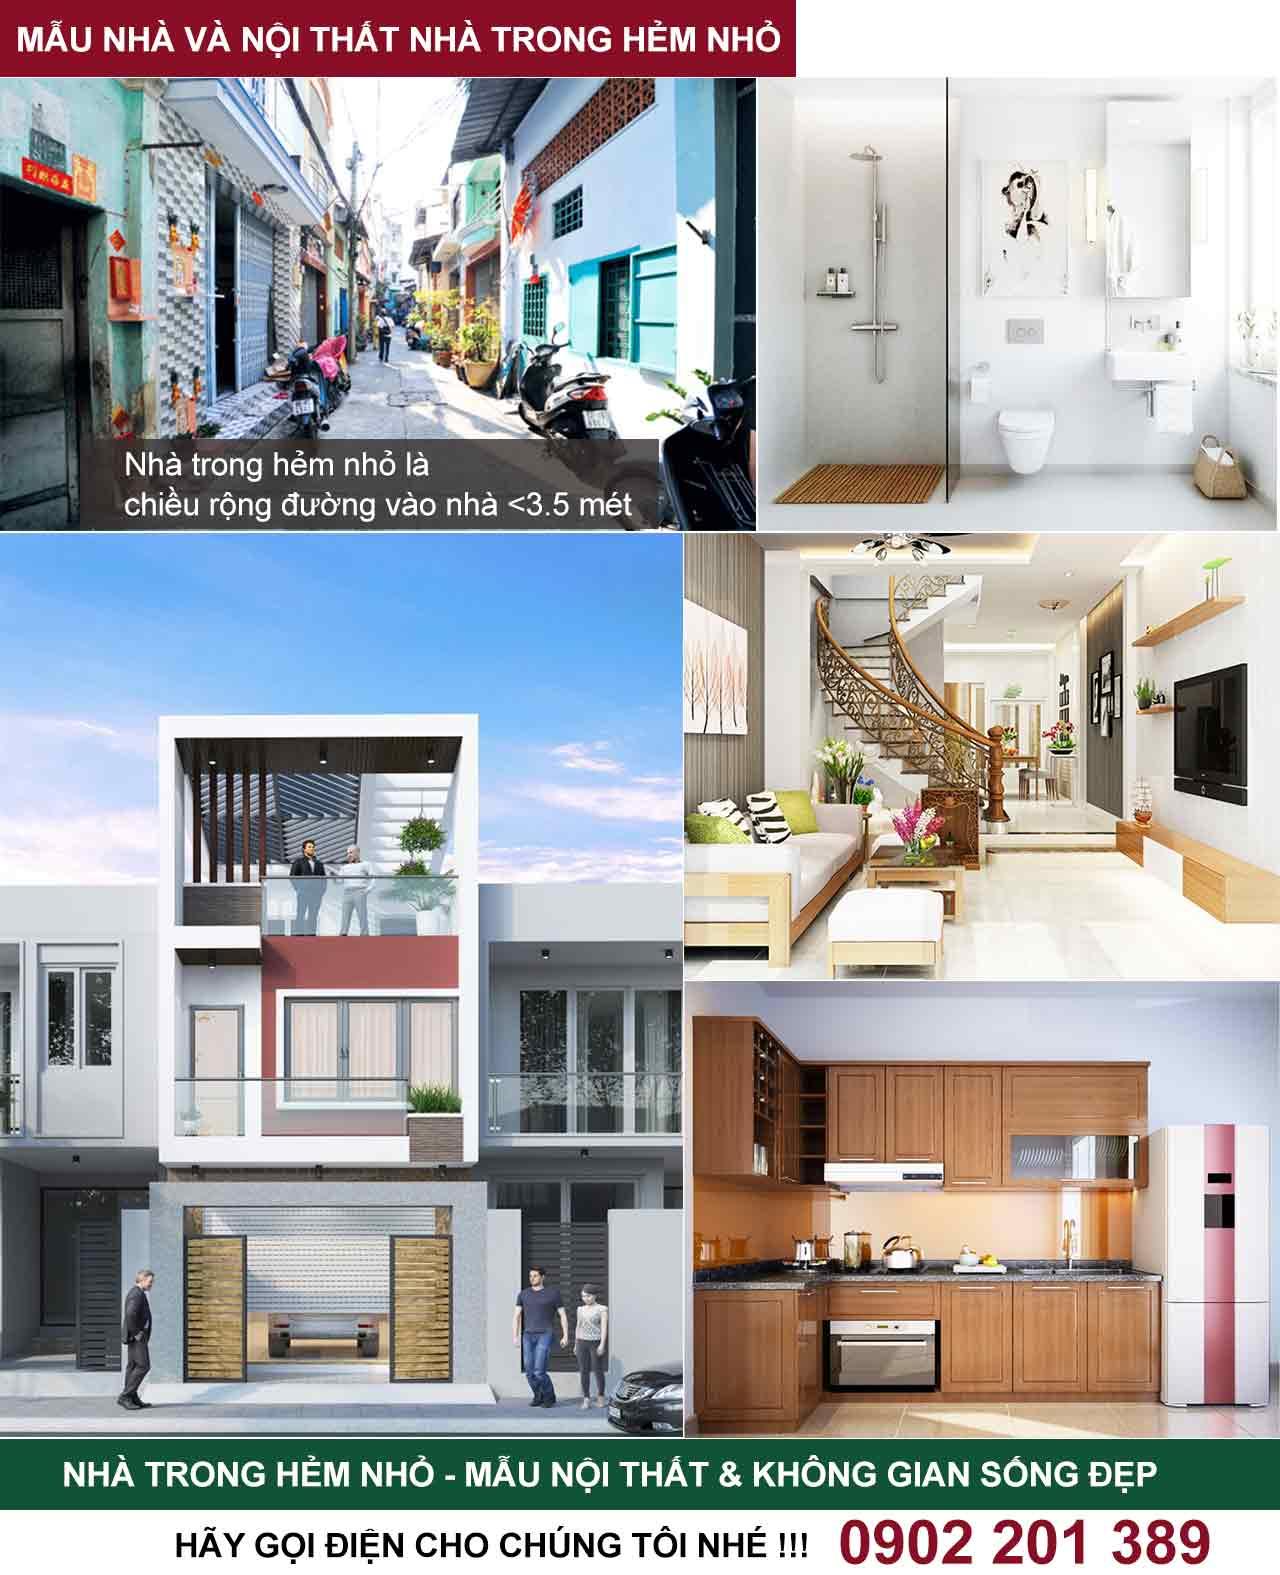 Giá xây nhà trọn gói trong hẻm nhỏ